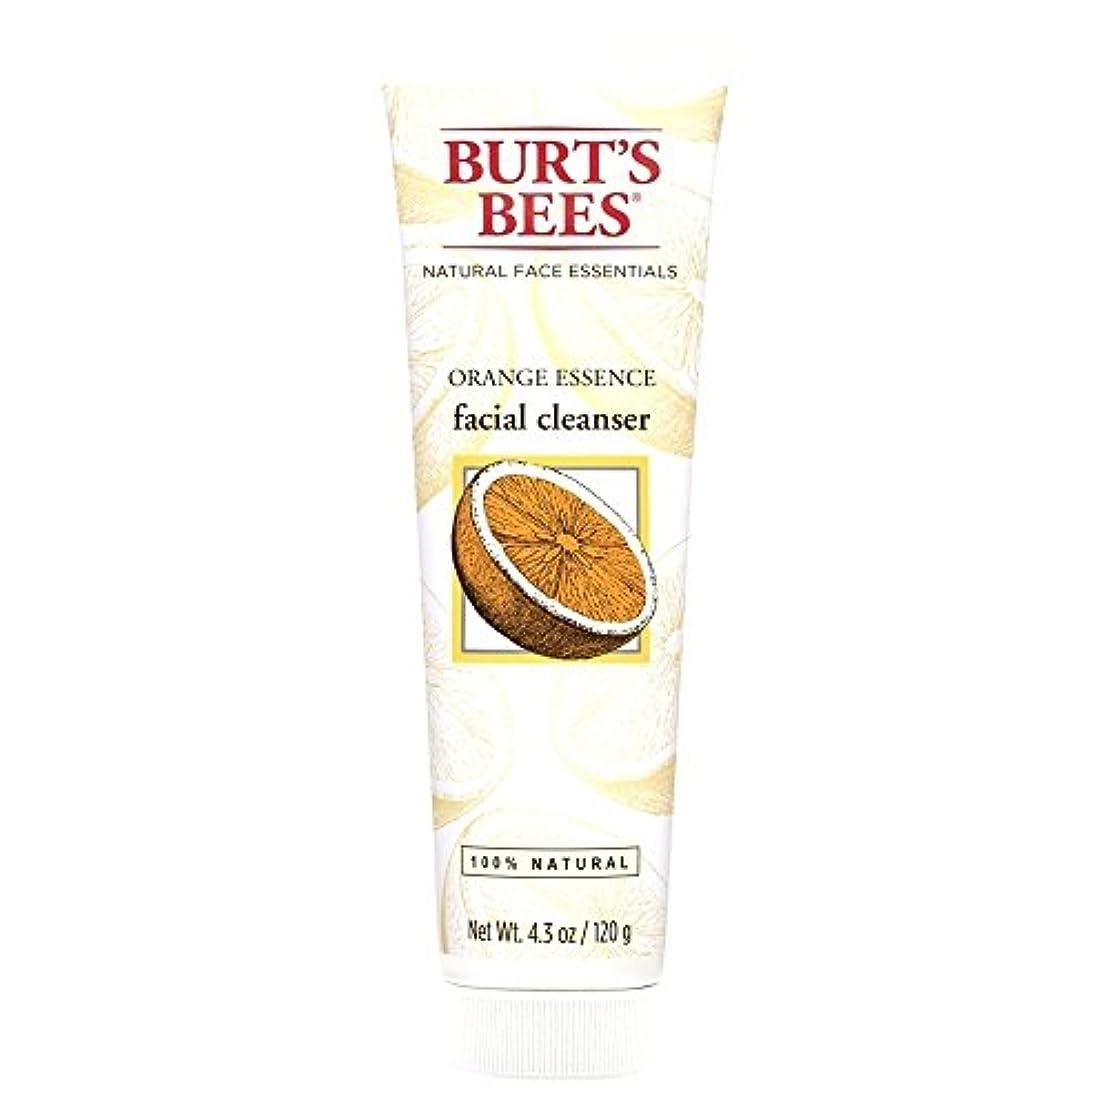 食事品揃え別れるバーツビーオレンジエッセンス洗顔料、125グラム (Burt's Bees) (x6) - Burt's Bees Orange Essence Facial Cleanser, 125g (Pack of 6) [並行輸入品]